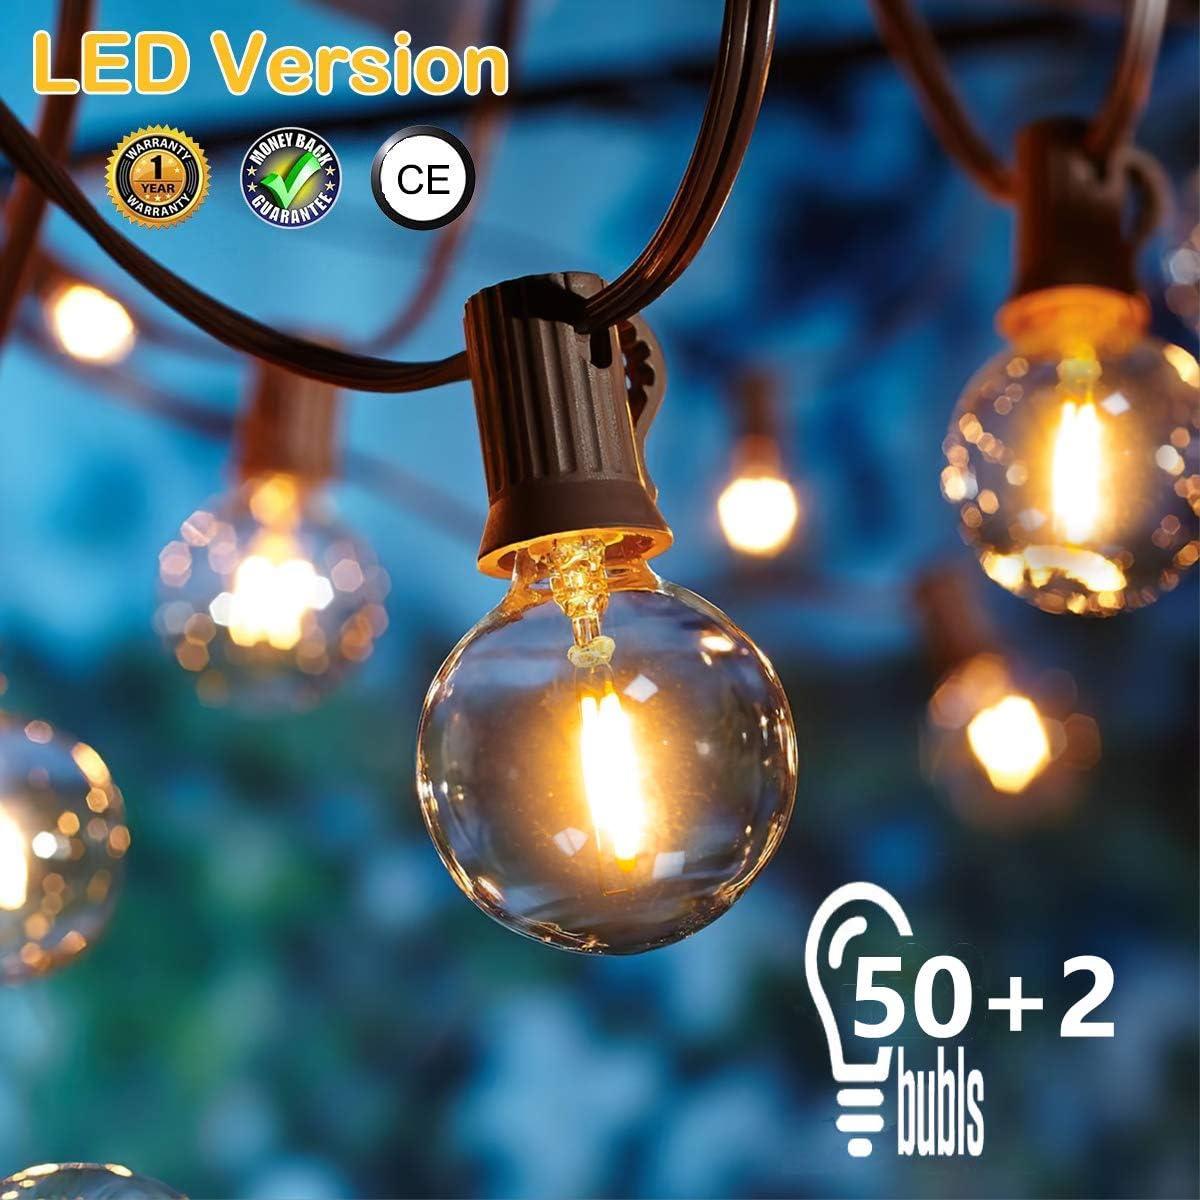 50 LED Versión] 16.6 Metros Guirnaldas luminosas de Exterior,OxyLED G40 50+2 Bombillas Luces de la Secuencia del Jardín al Aire Libre,Decorative String Luces,Garden Terrace Luces de Patio de Navidad: Amazon.es: Iluminación